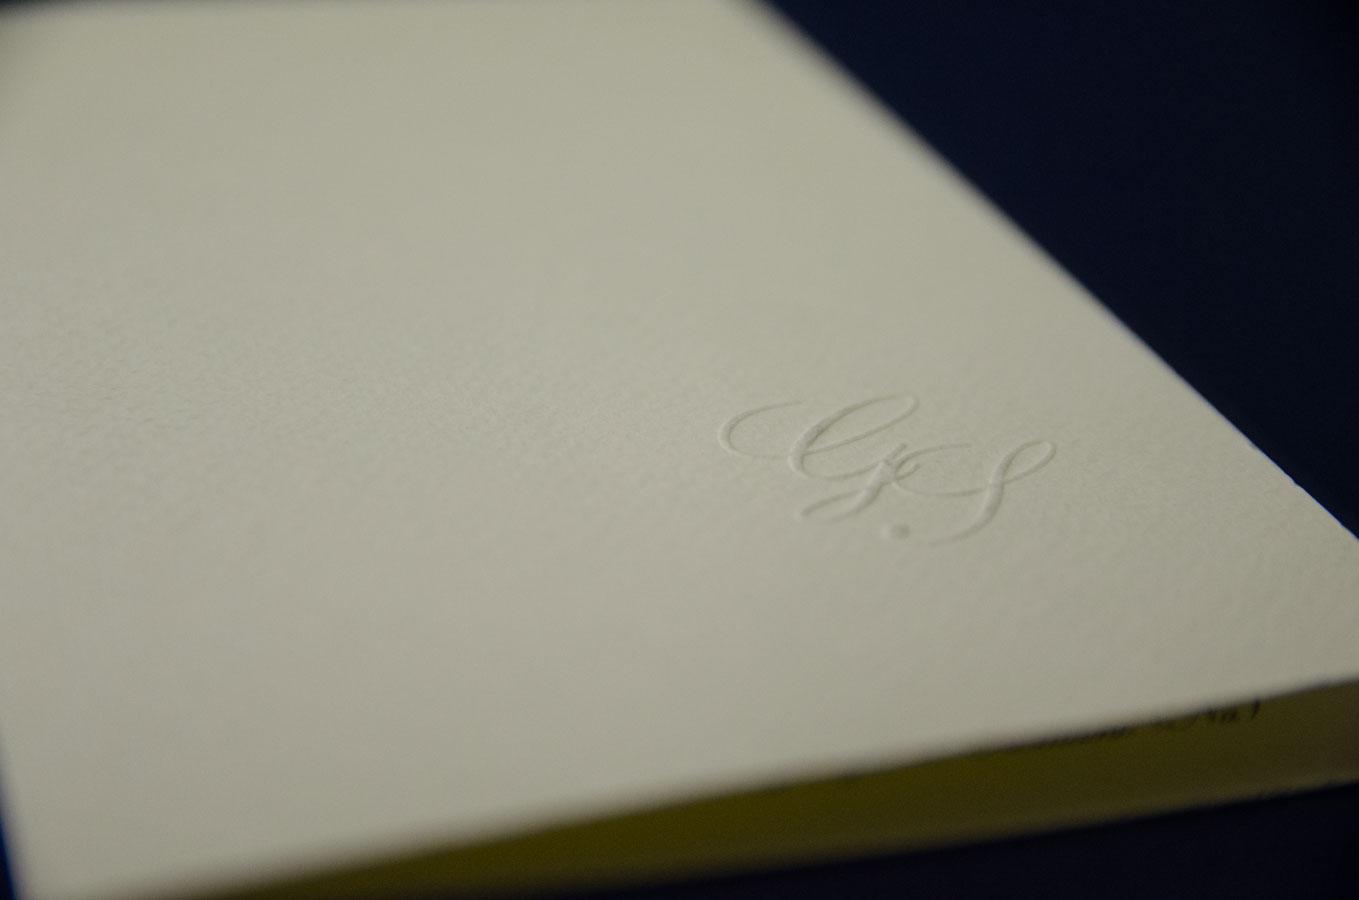 Bomboniere Matrimonio Wikipedia.File Partecipazioni Matrimonio Iniziali A Rilievo Tipografia